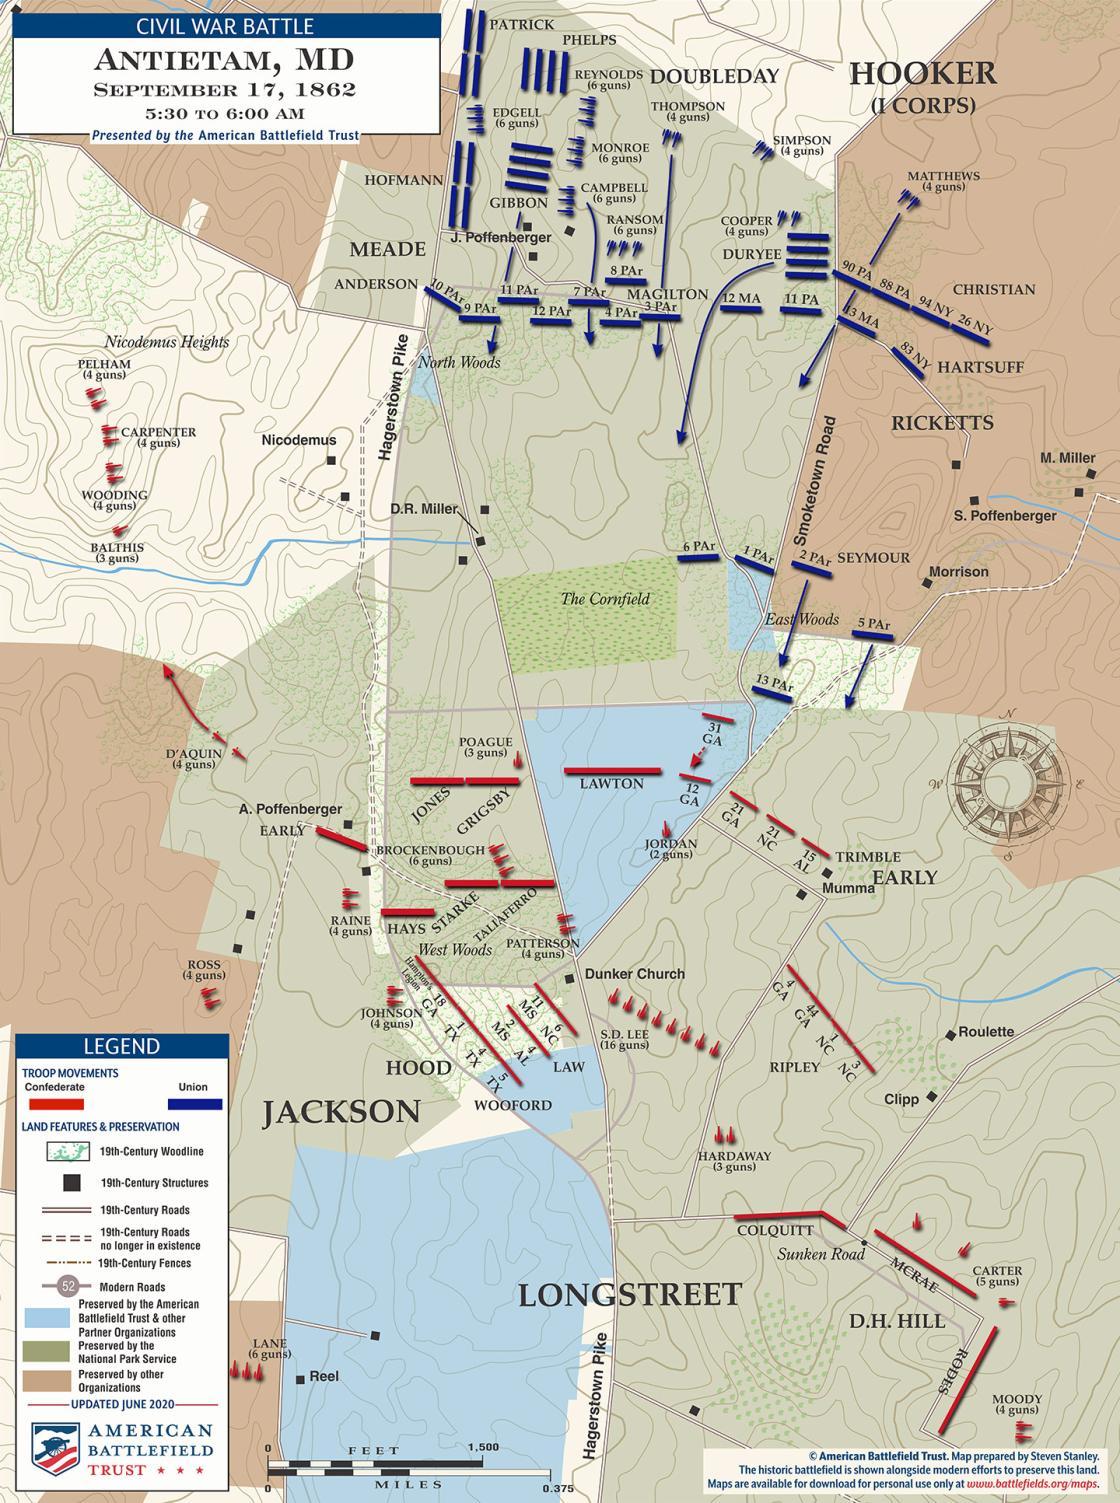 Antietam - East Woods - September 18, 1862 - 5:30am to 600am (June 2020)